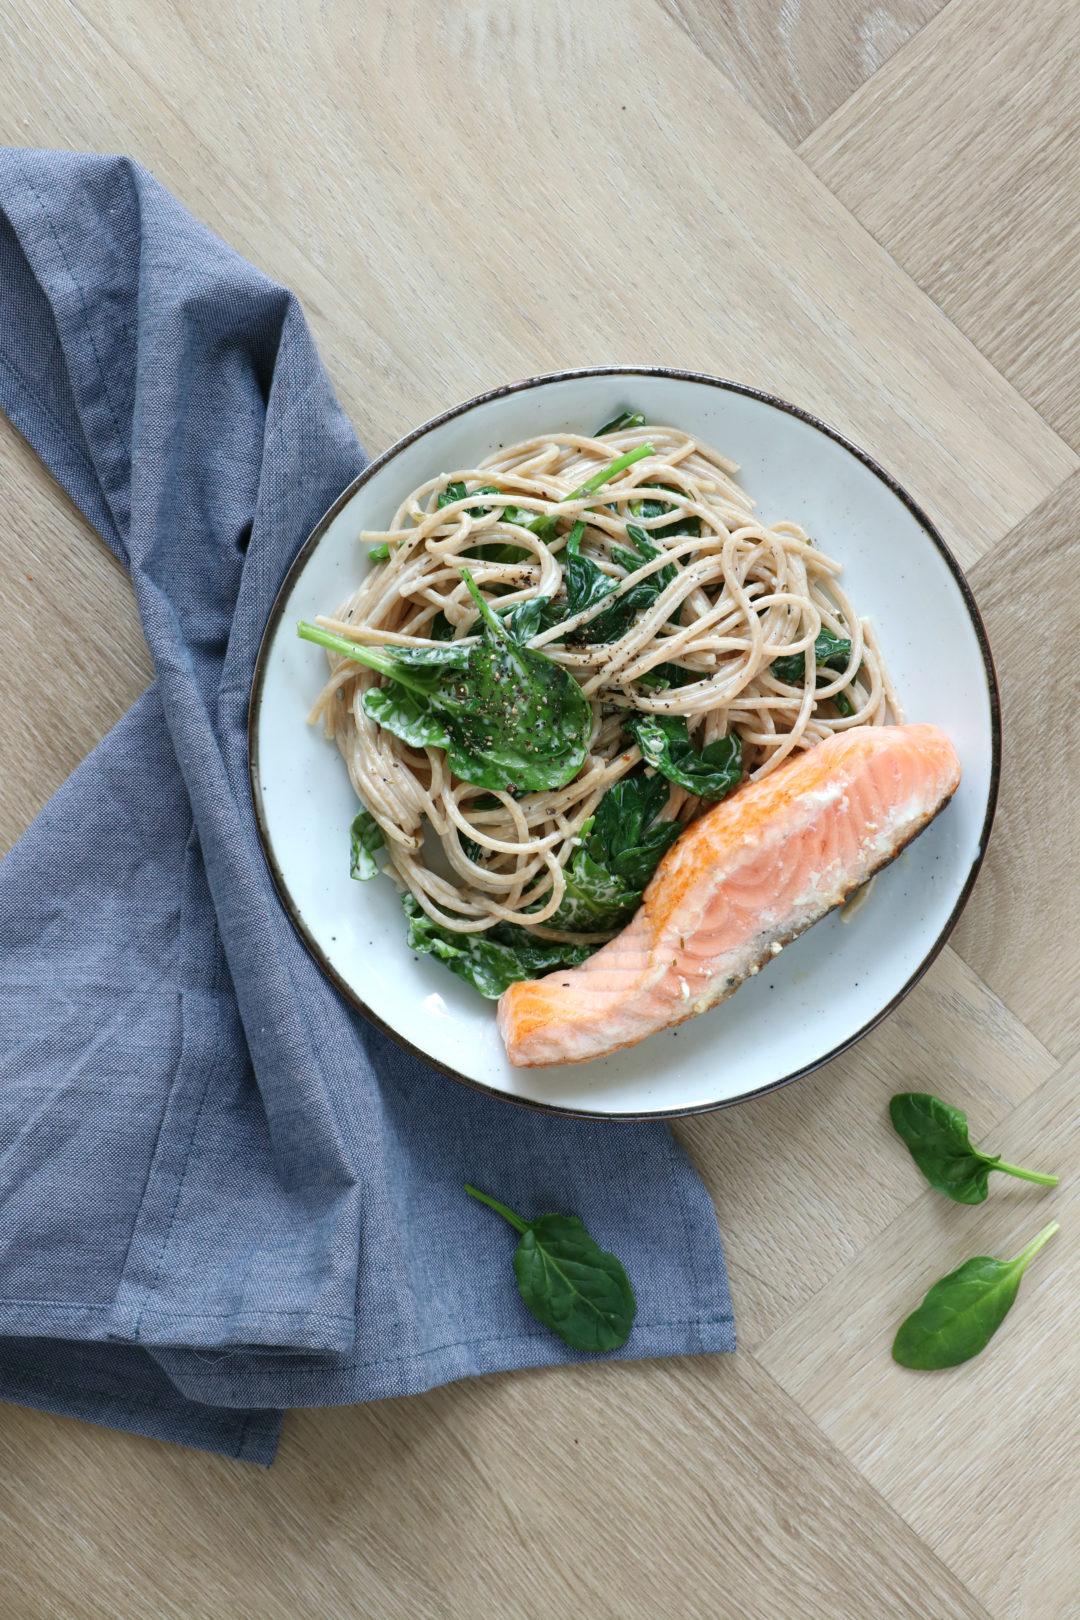 Pasta met roomkaas spinazie en gebakken zalm www.jaimyskitchen.nl